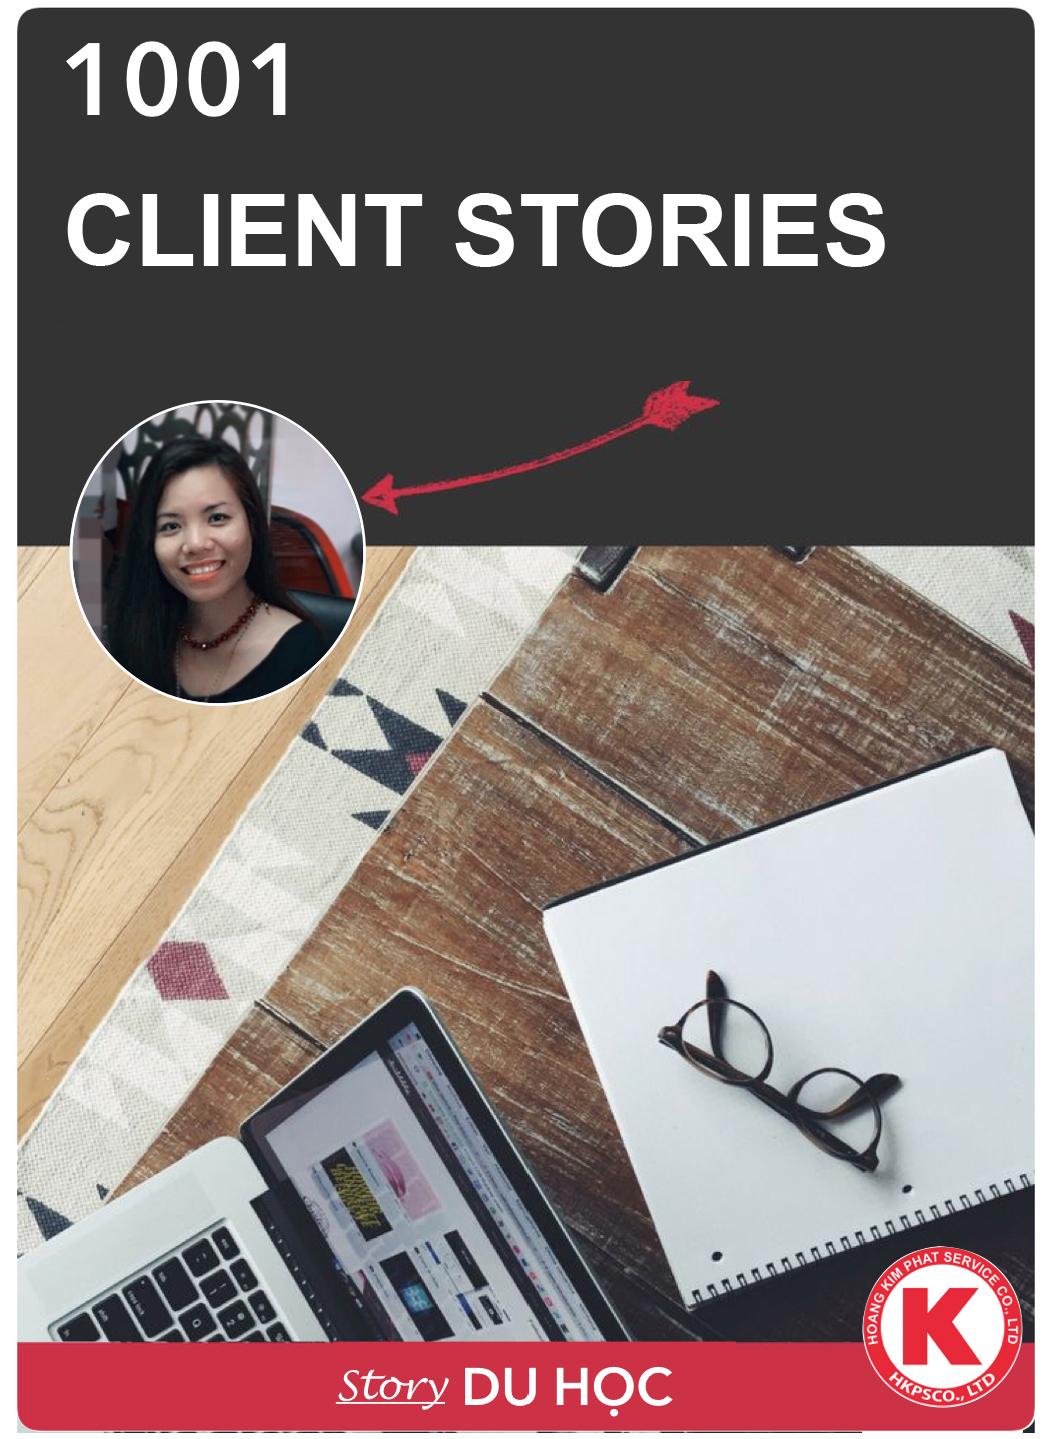 Client_story_copy_1_copy